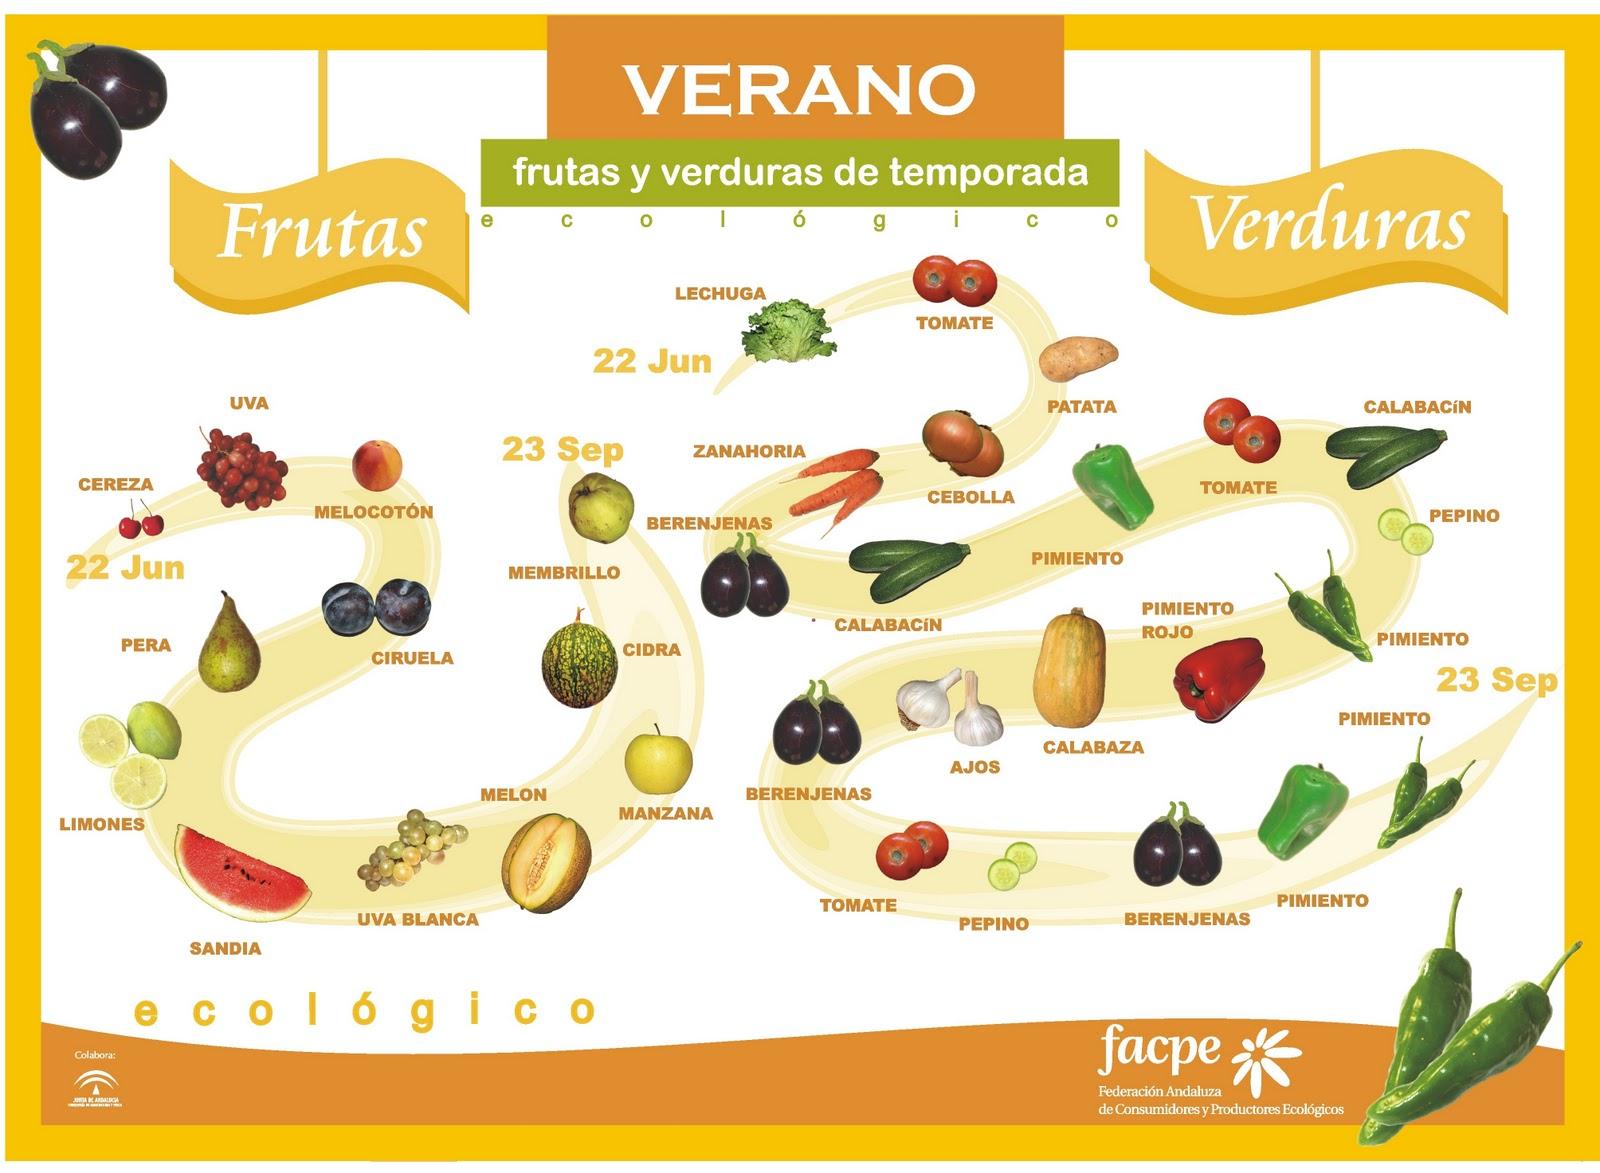 Frutas y Verduras - Verano